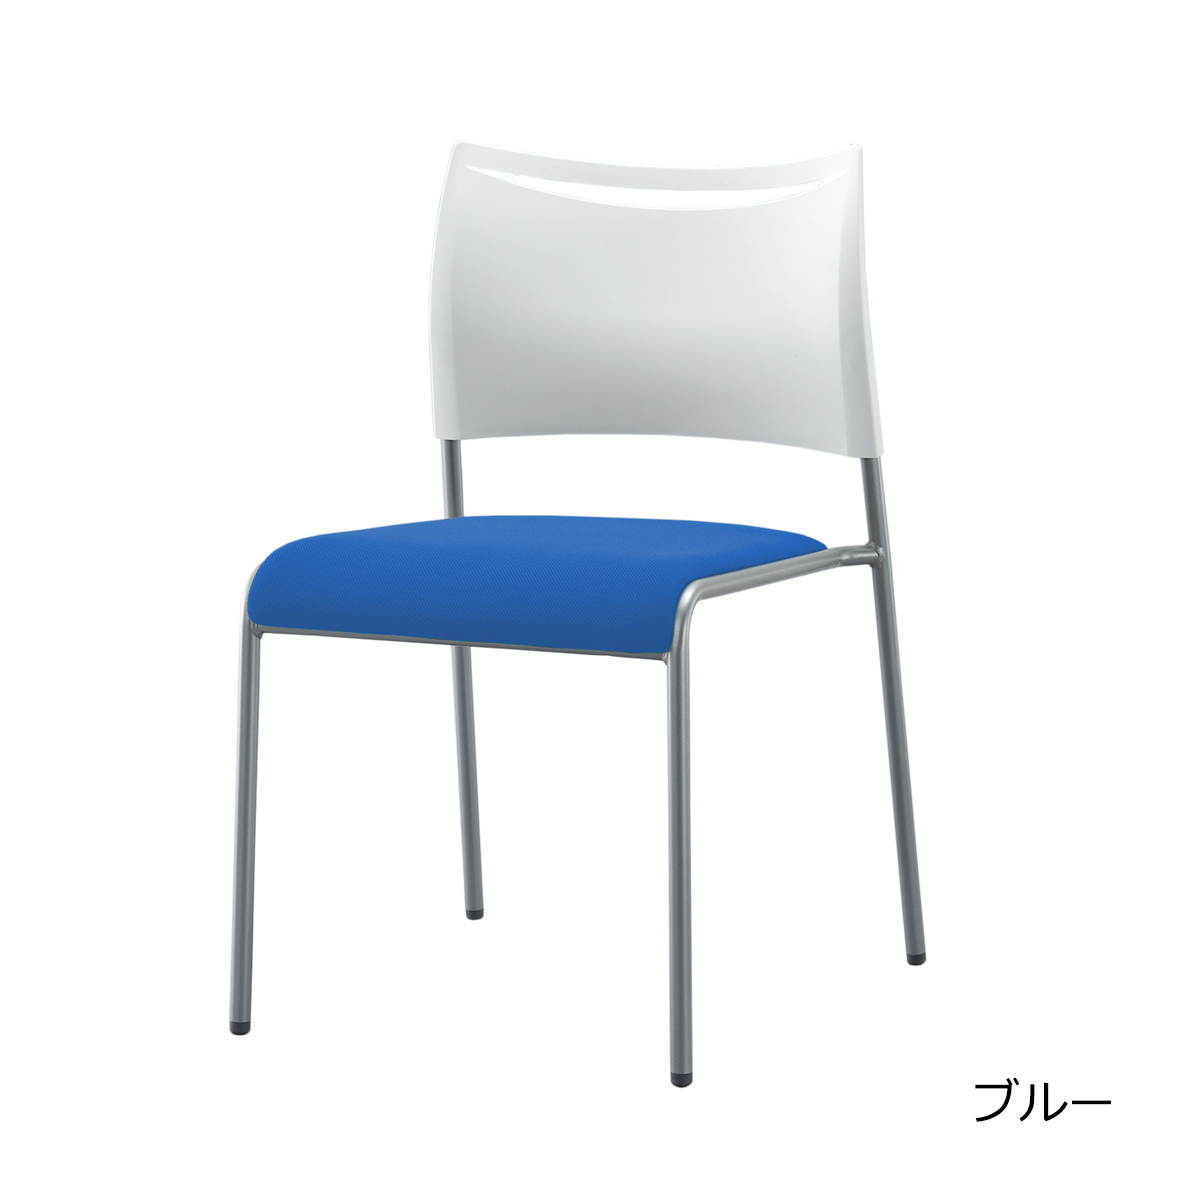 ミーティングチェア スタッキングチェア 会議用椅子 | 【12脚セット】 I-LTS-4F